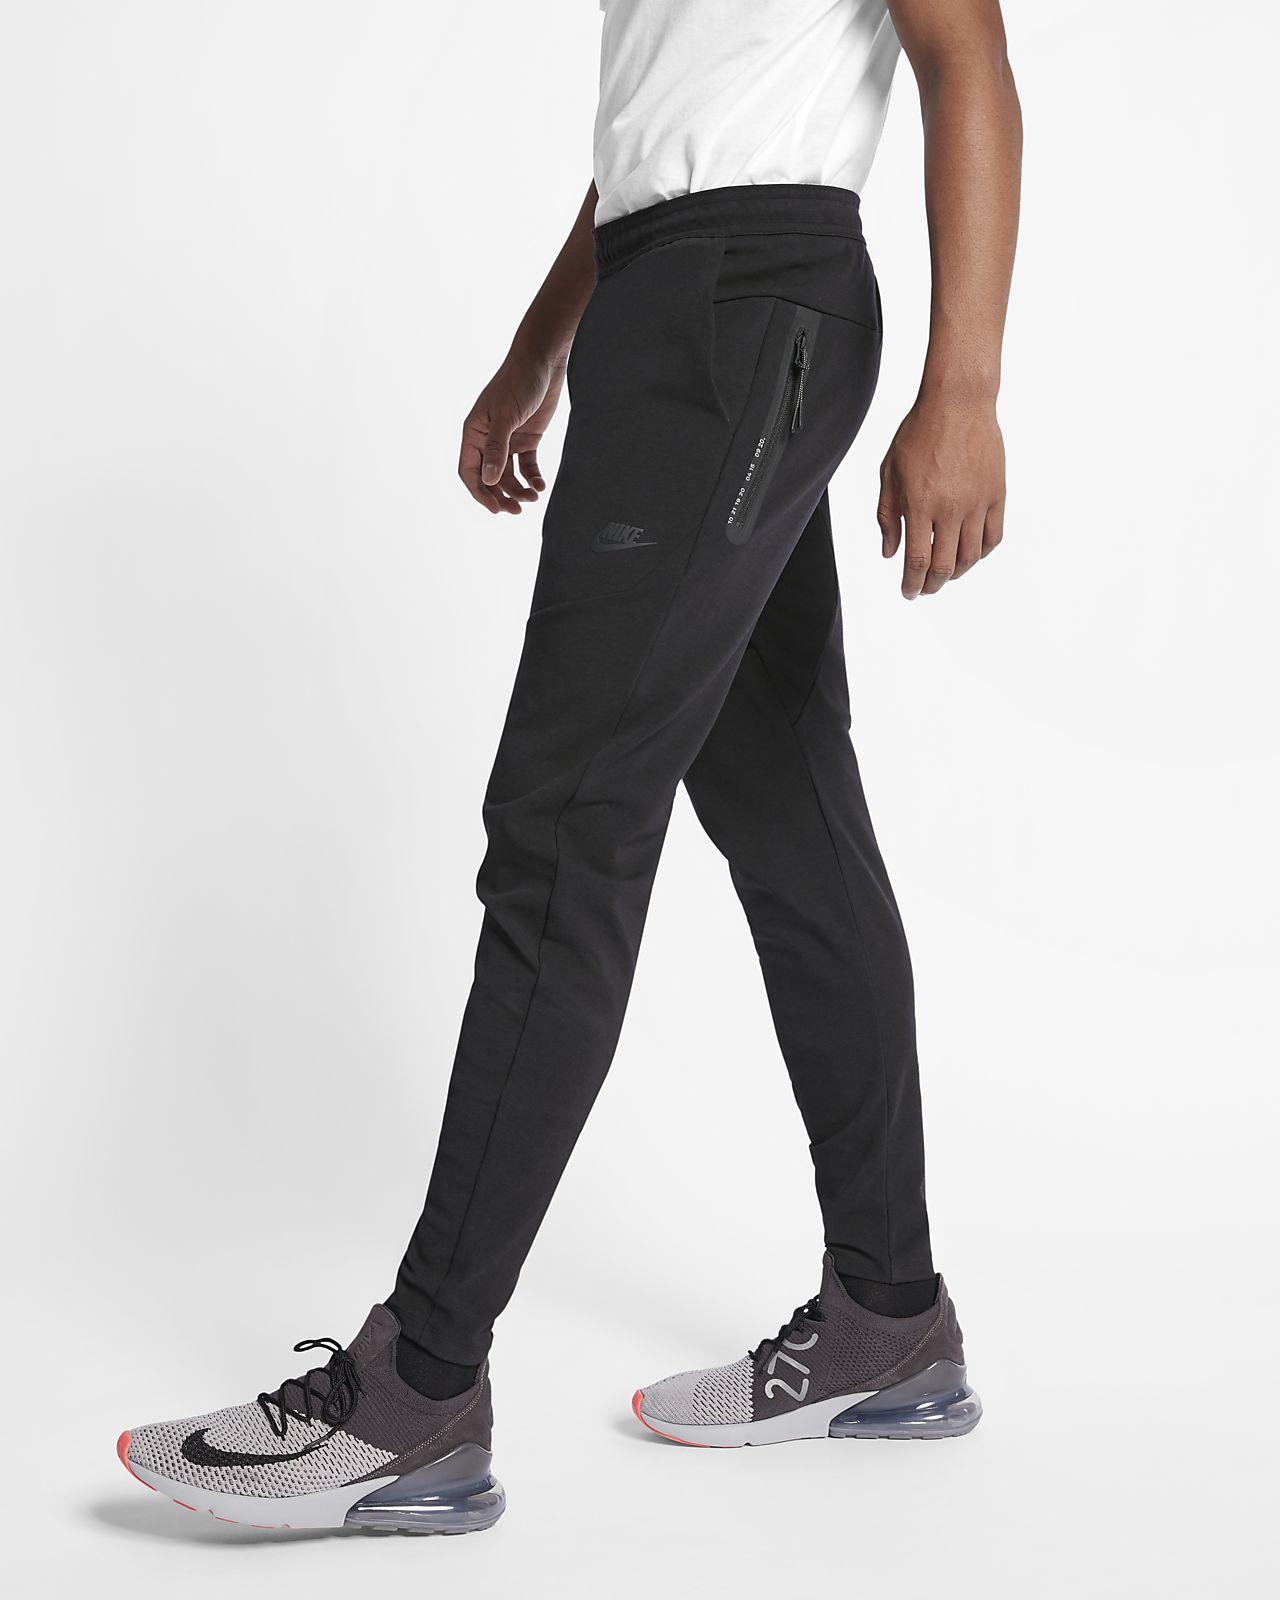 Nike Sportswear Tech Pack Men's Trousers